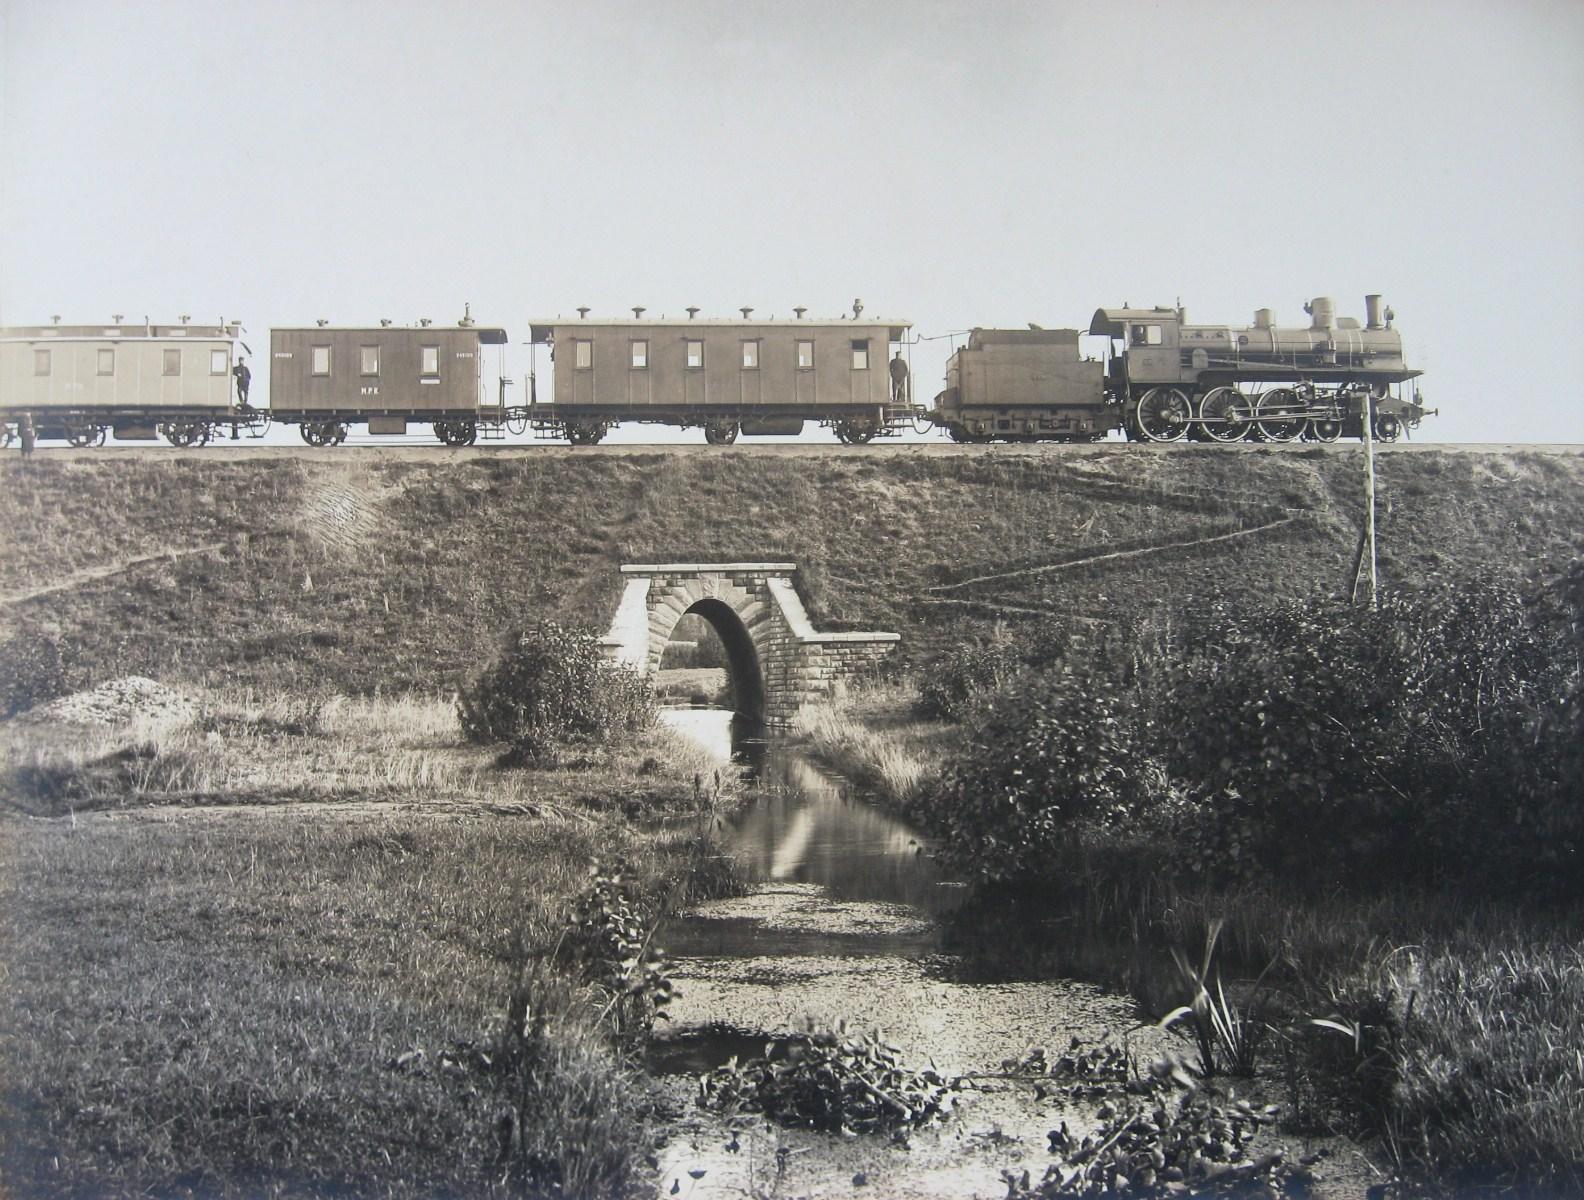 МКЖД Пассажирский поезд на мосту через реку Гжель. Вблизи станции Гжель. Фото 1912 год.